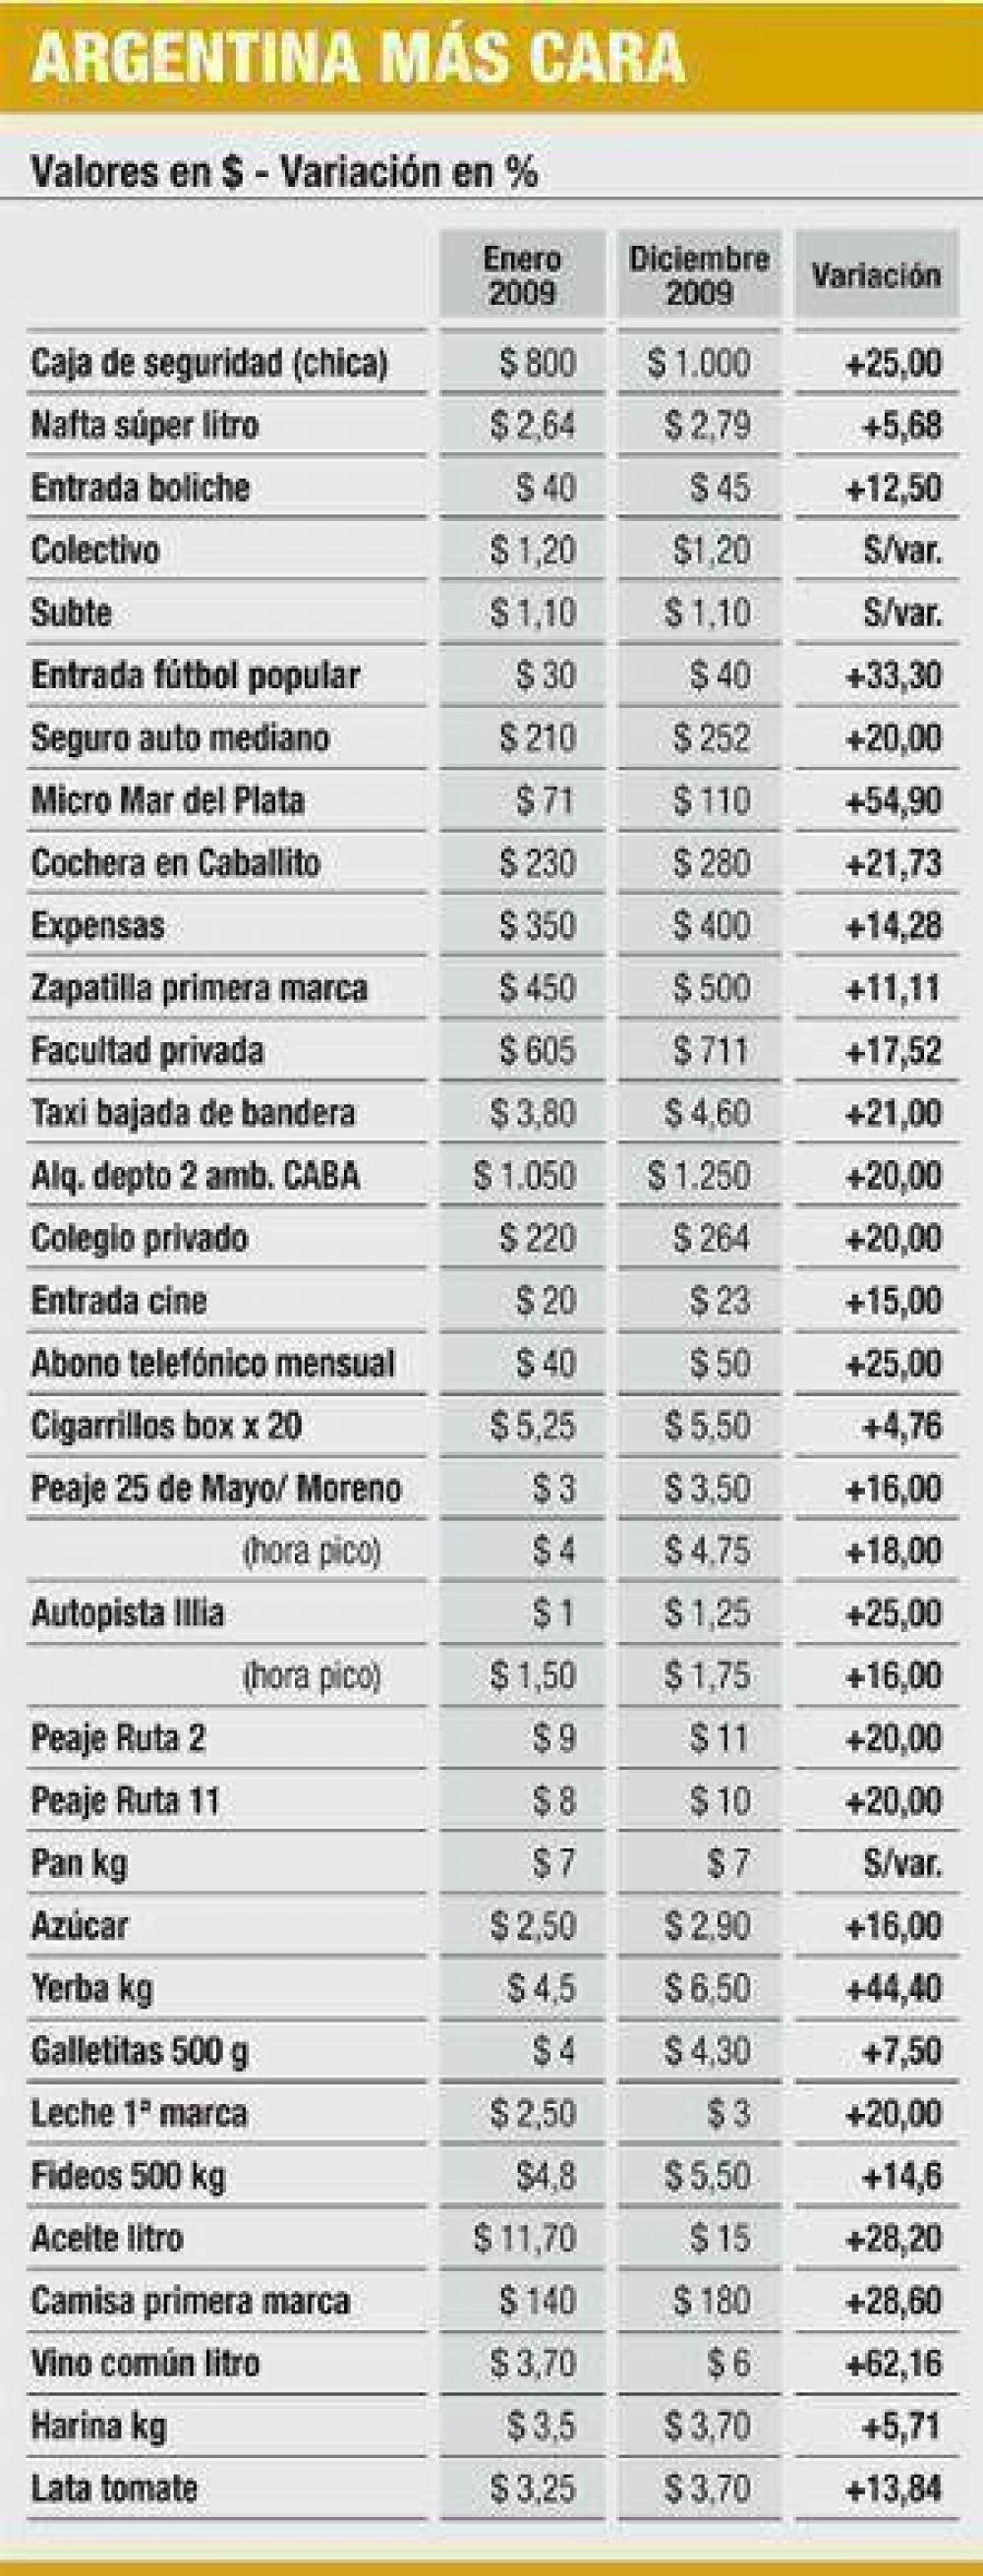 El país que no mide Moreno es un 30% más caro en un año